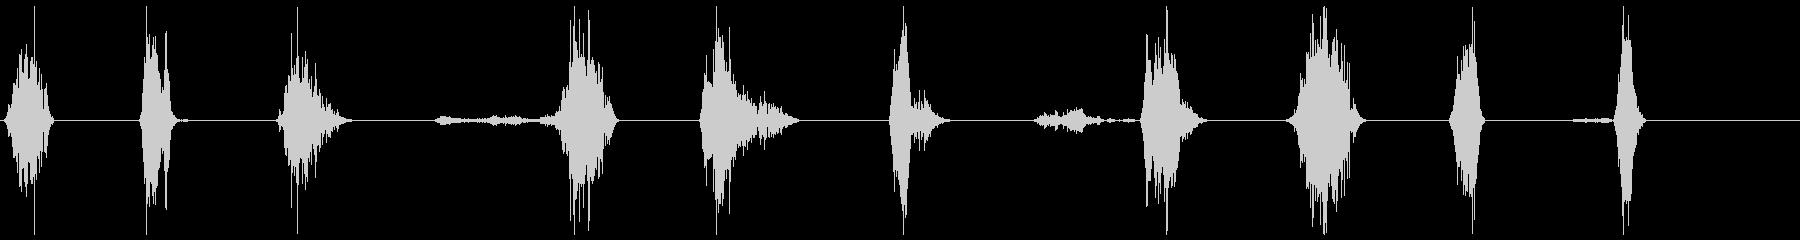 ゾンビのうなり声攻撃1-10の未再生の波形